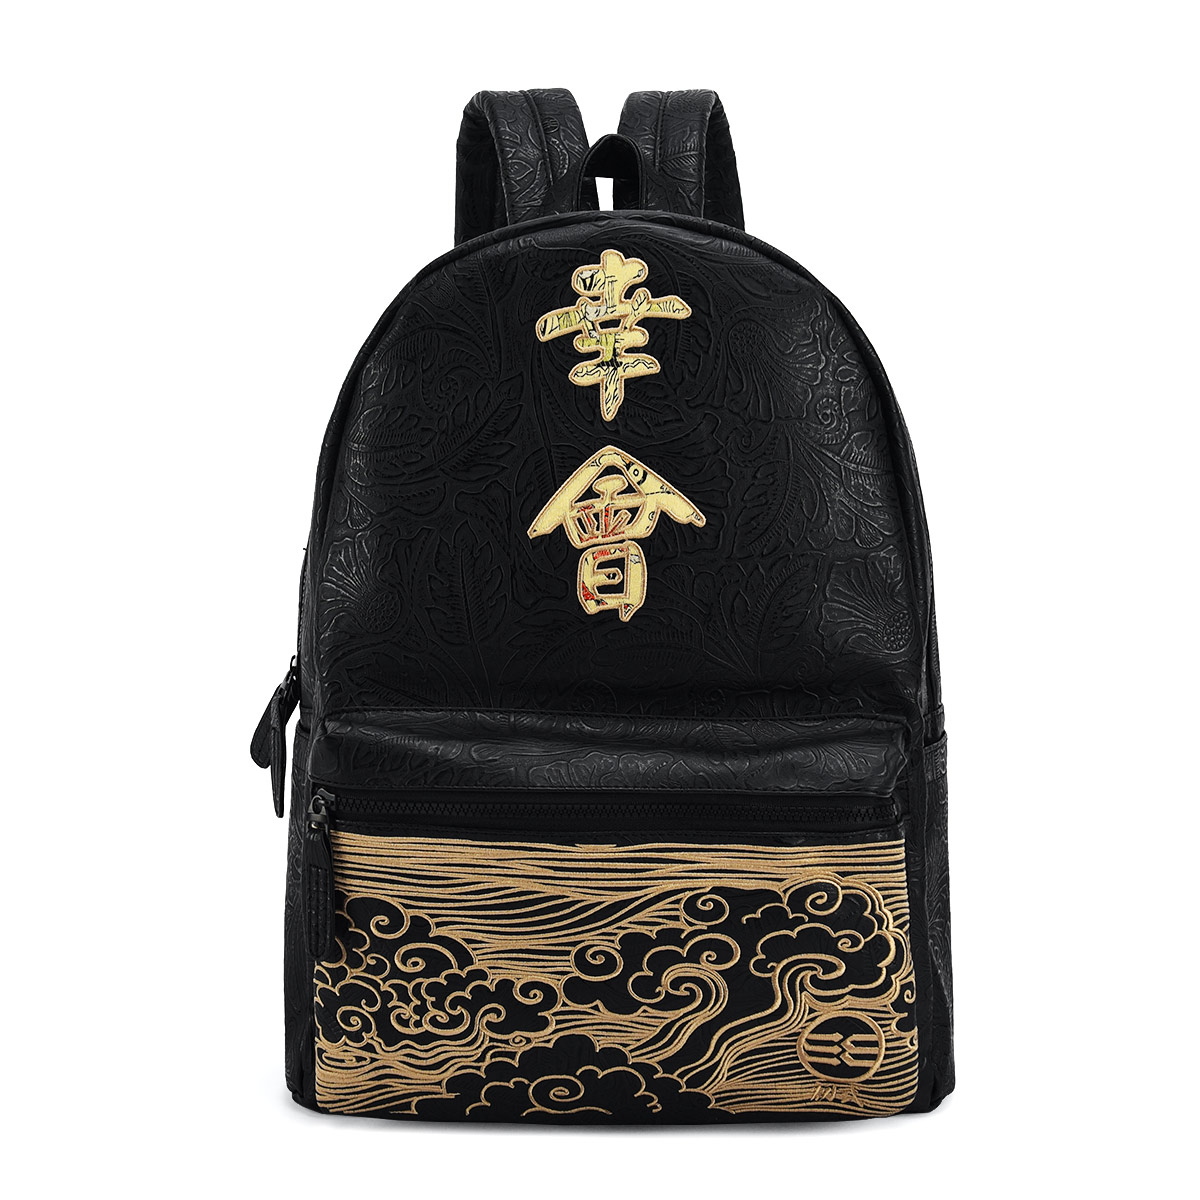 初弎中国风潮牌街头男女情侣久仰幸会刺绣双肩包电脑背书包41163